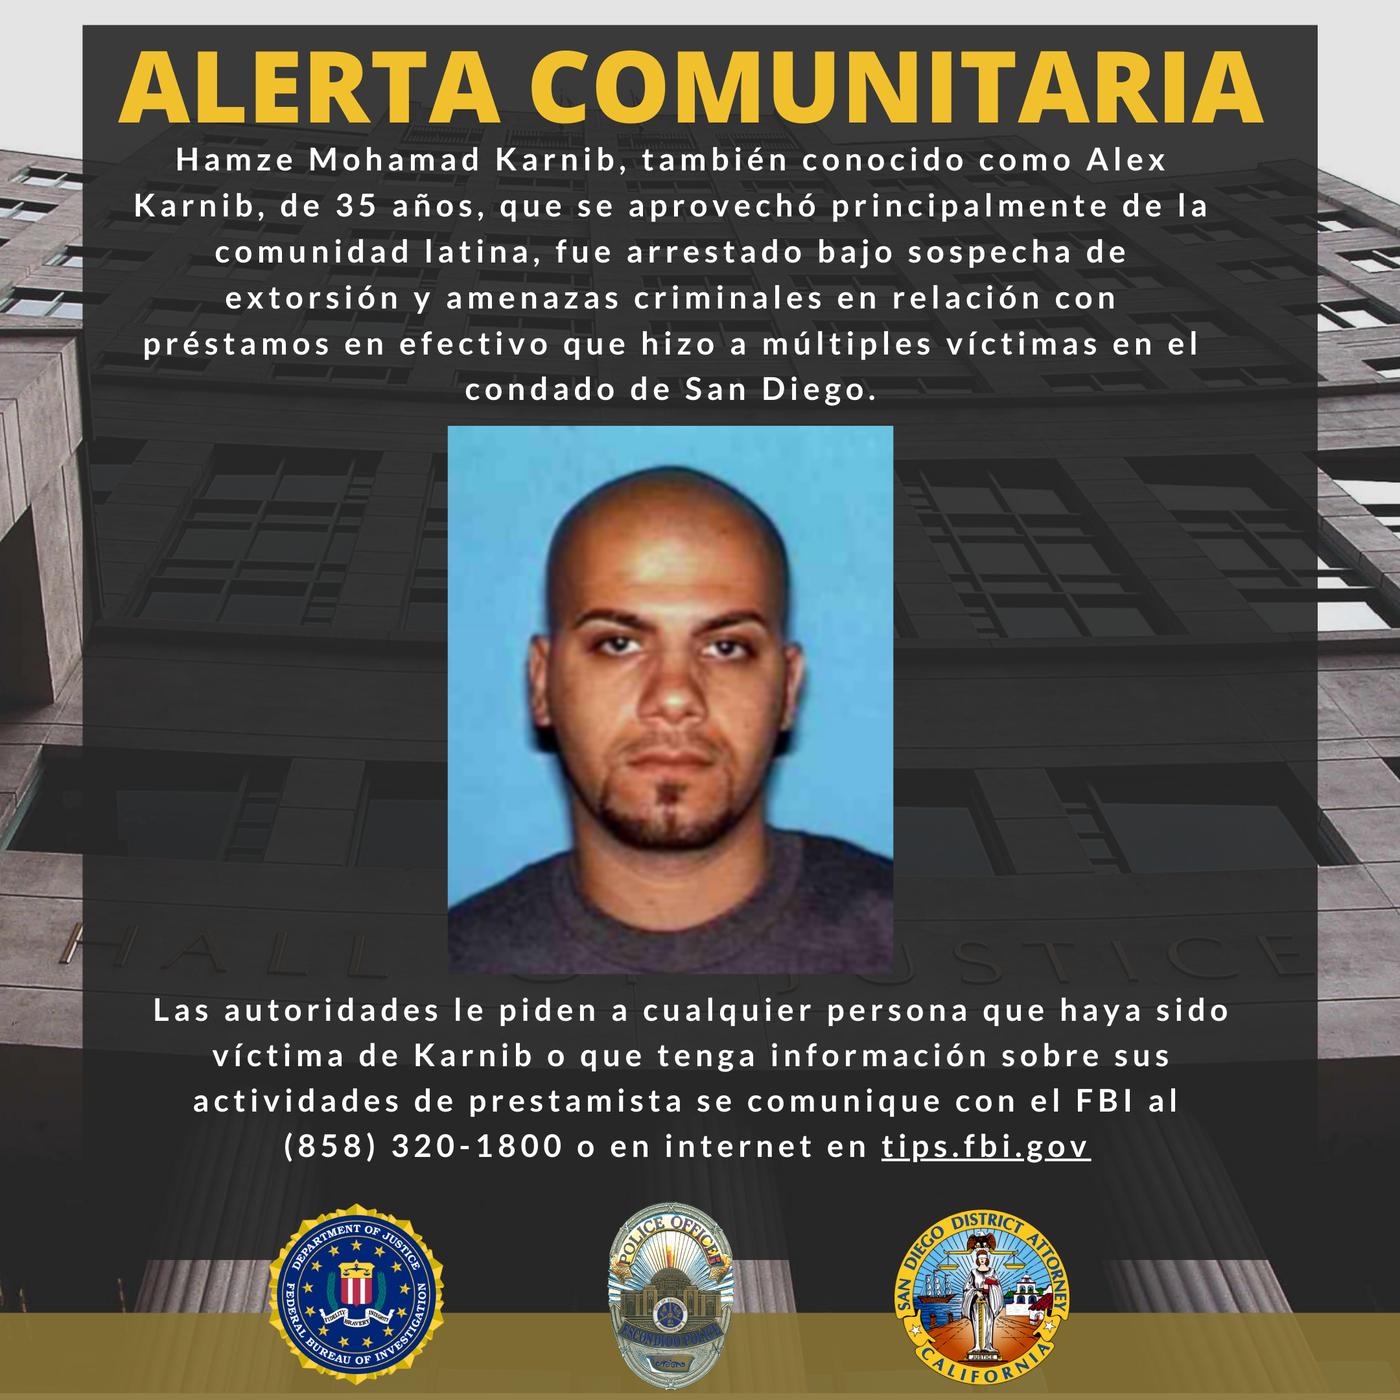 Una alerta comunitaria de FBI San Diego para informacion de las victimas de Alex Karnib.